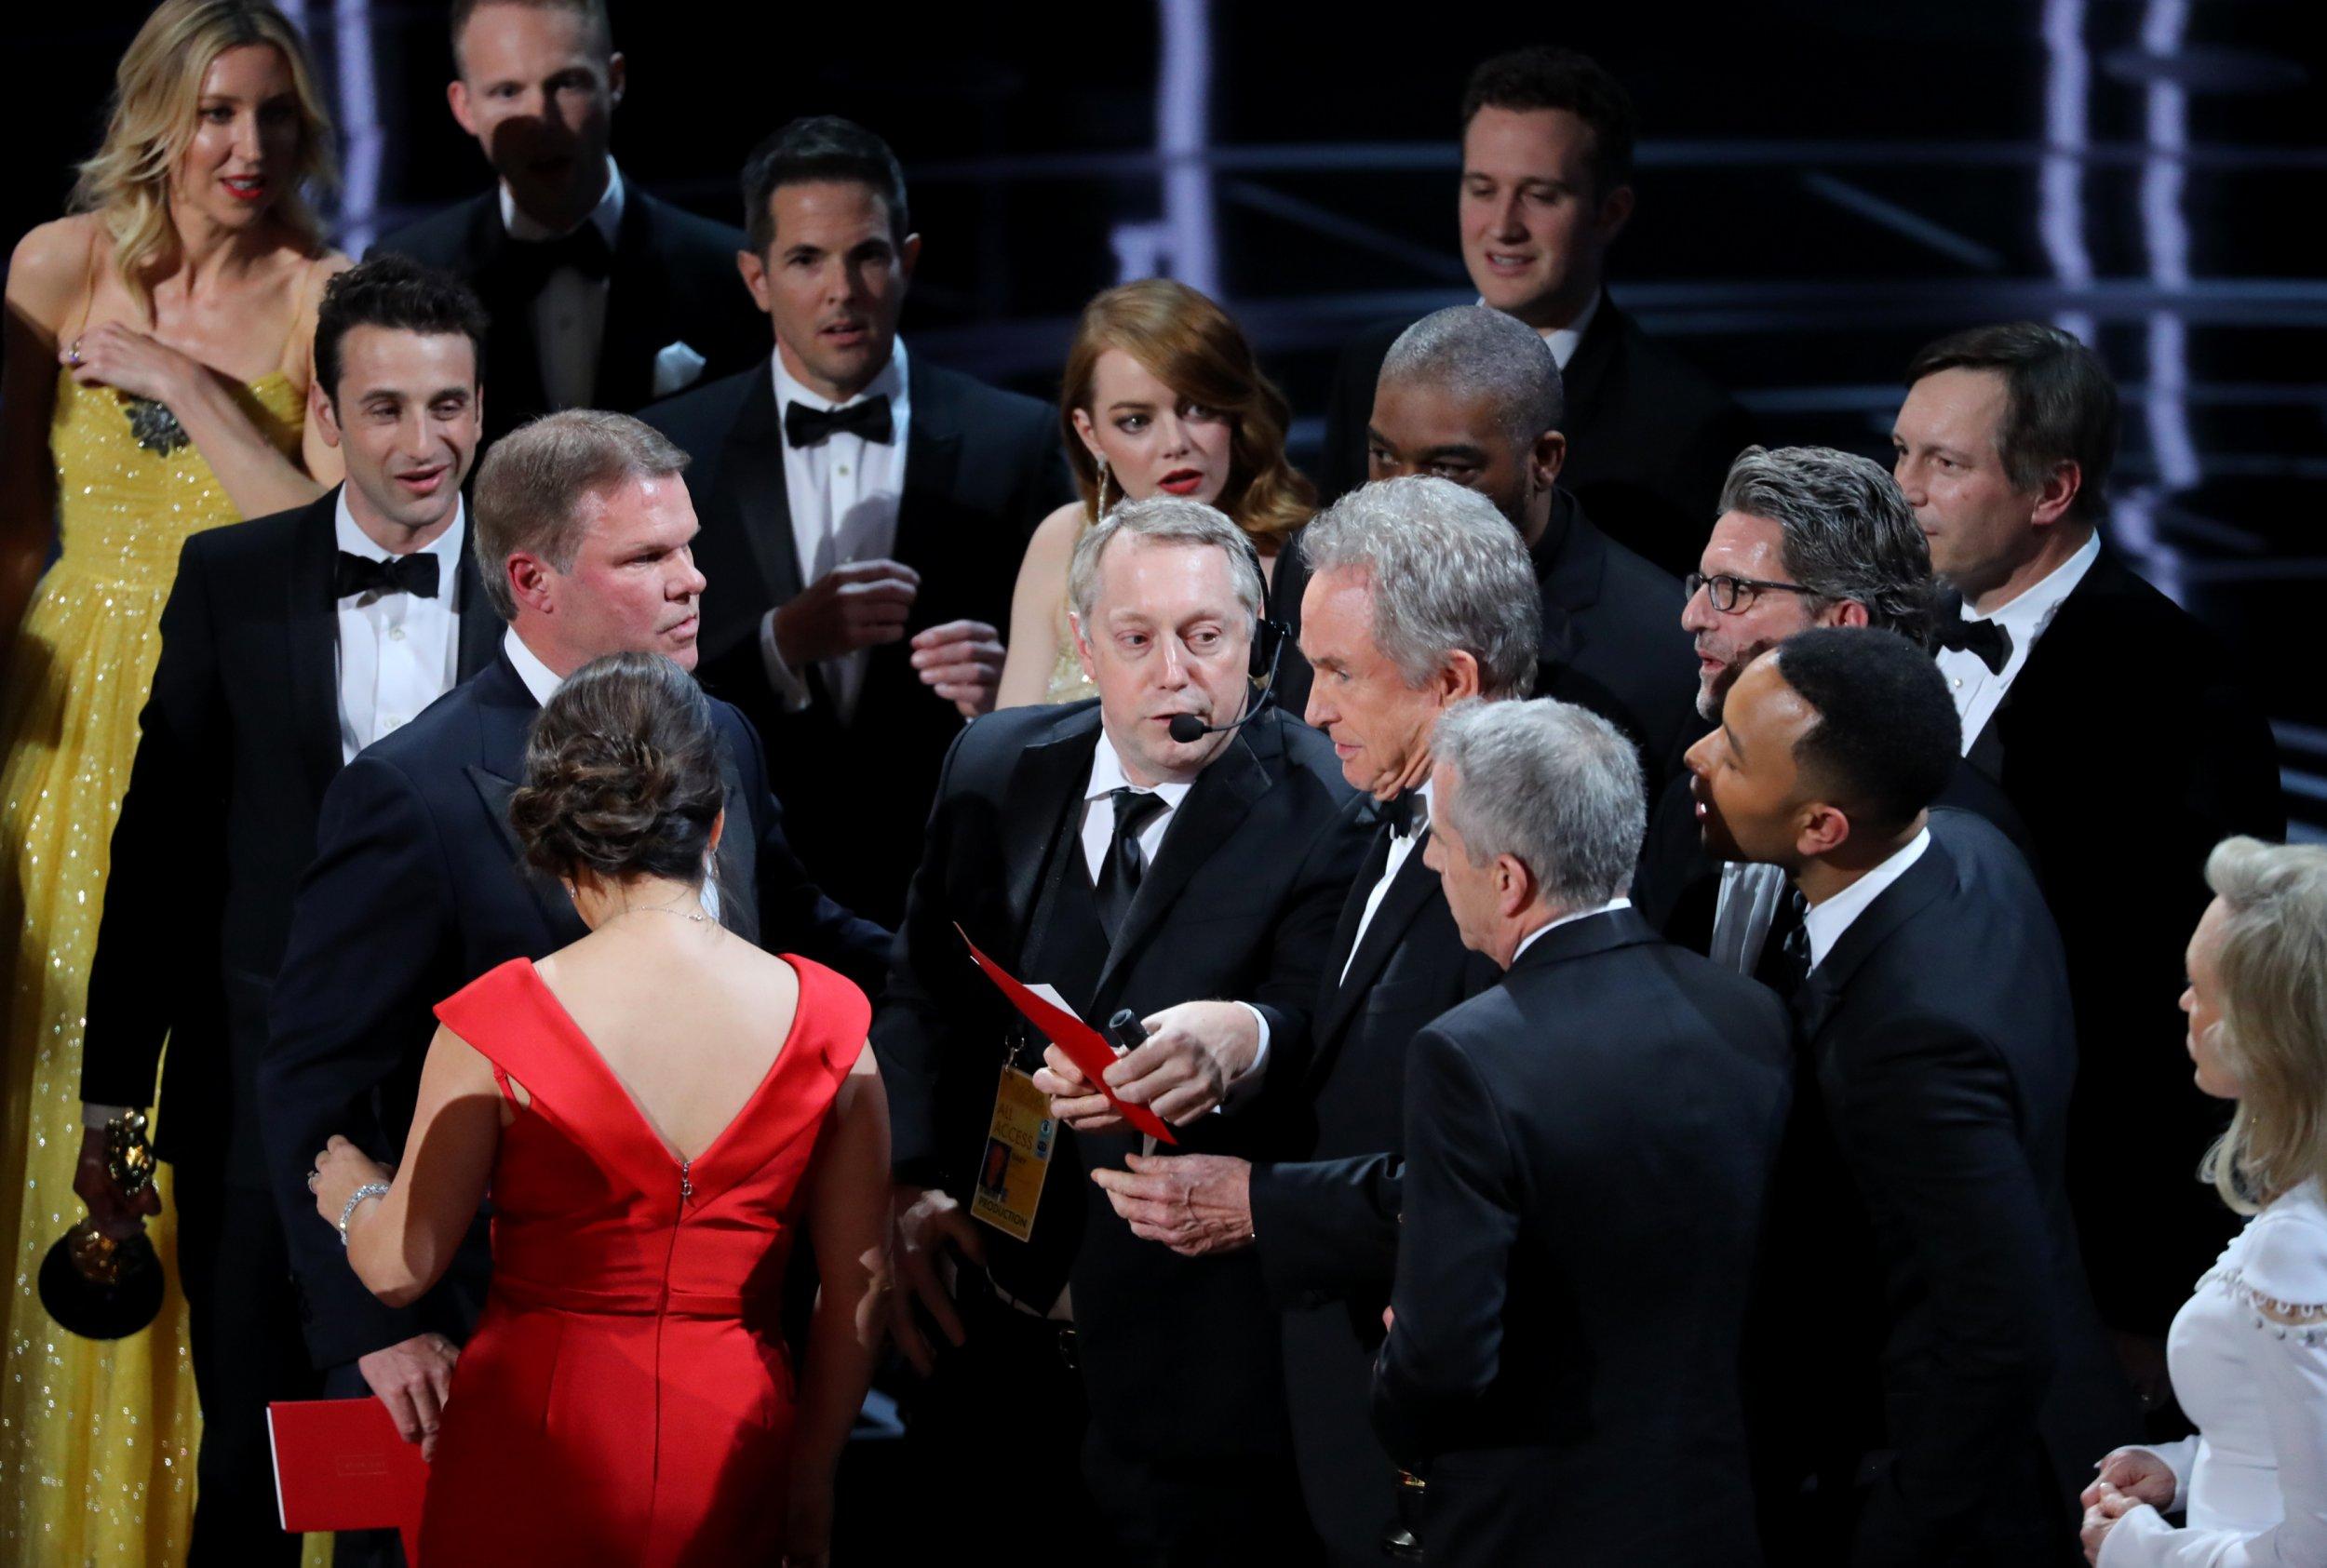 Oscars blunder